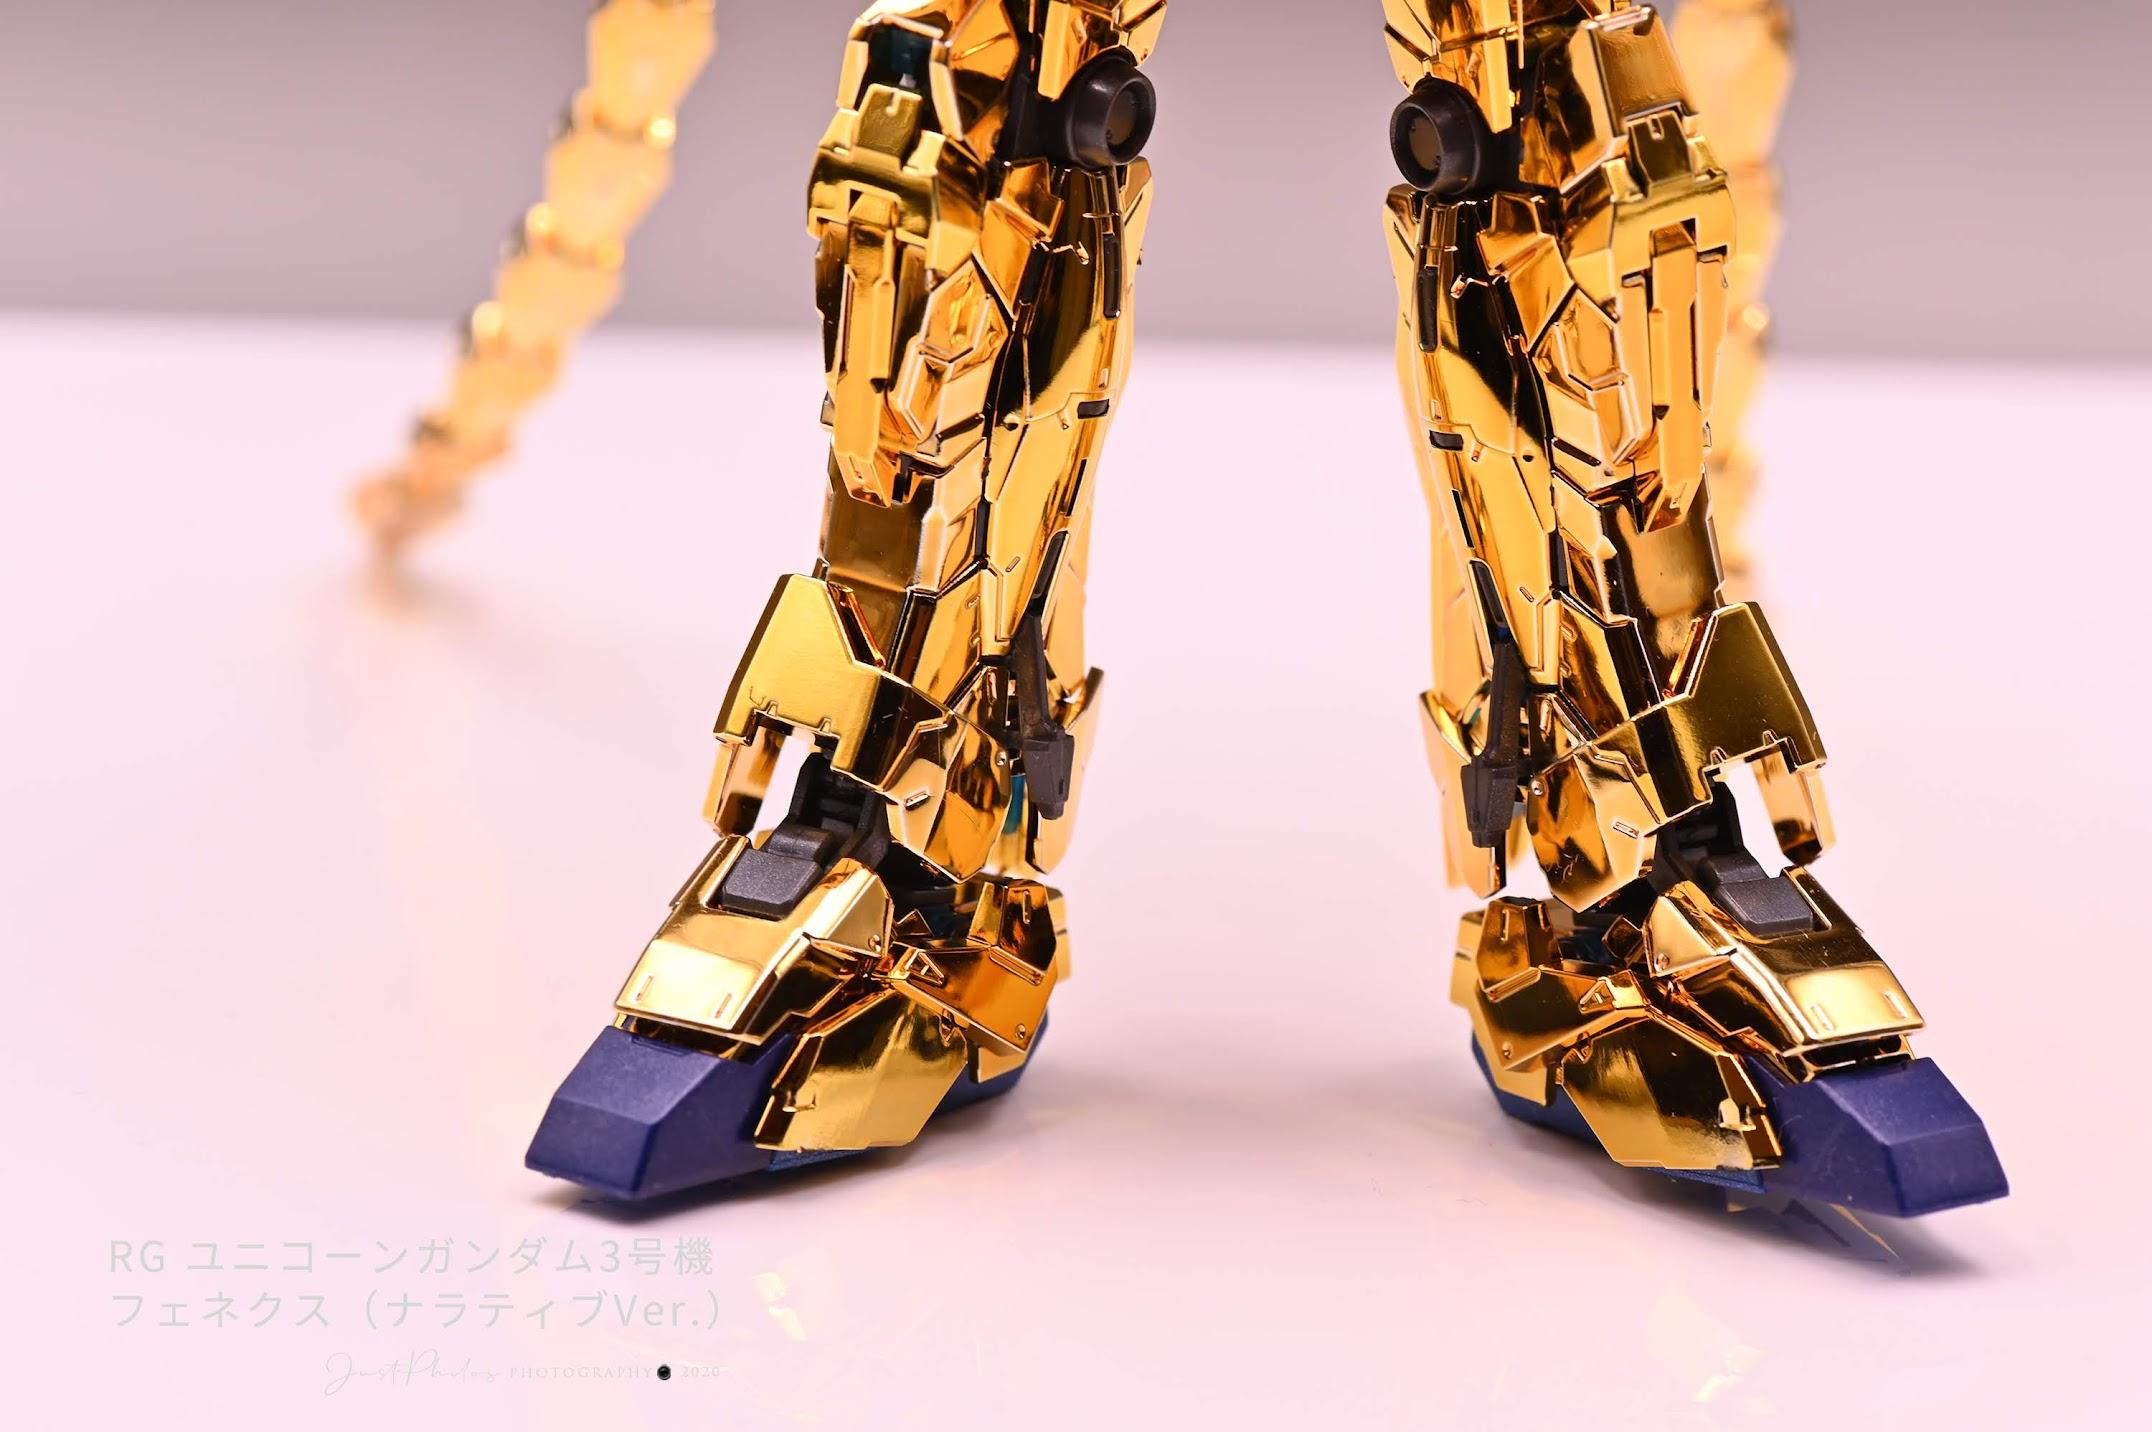 腳步零件的兩種藍色也很順便的噴上噴漆,但效果其實沒有很明顯。